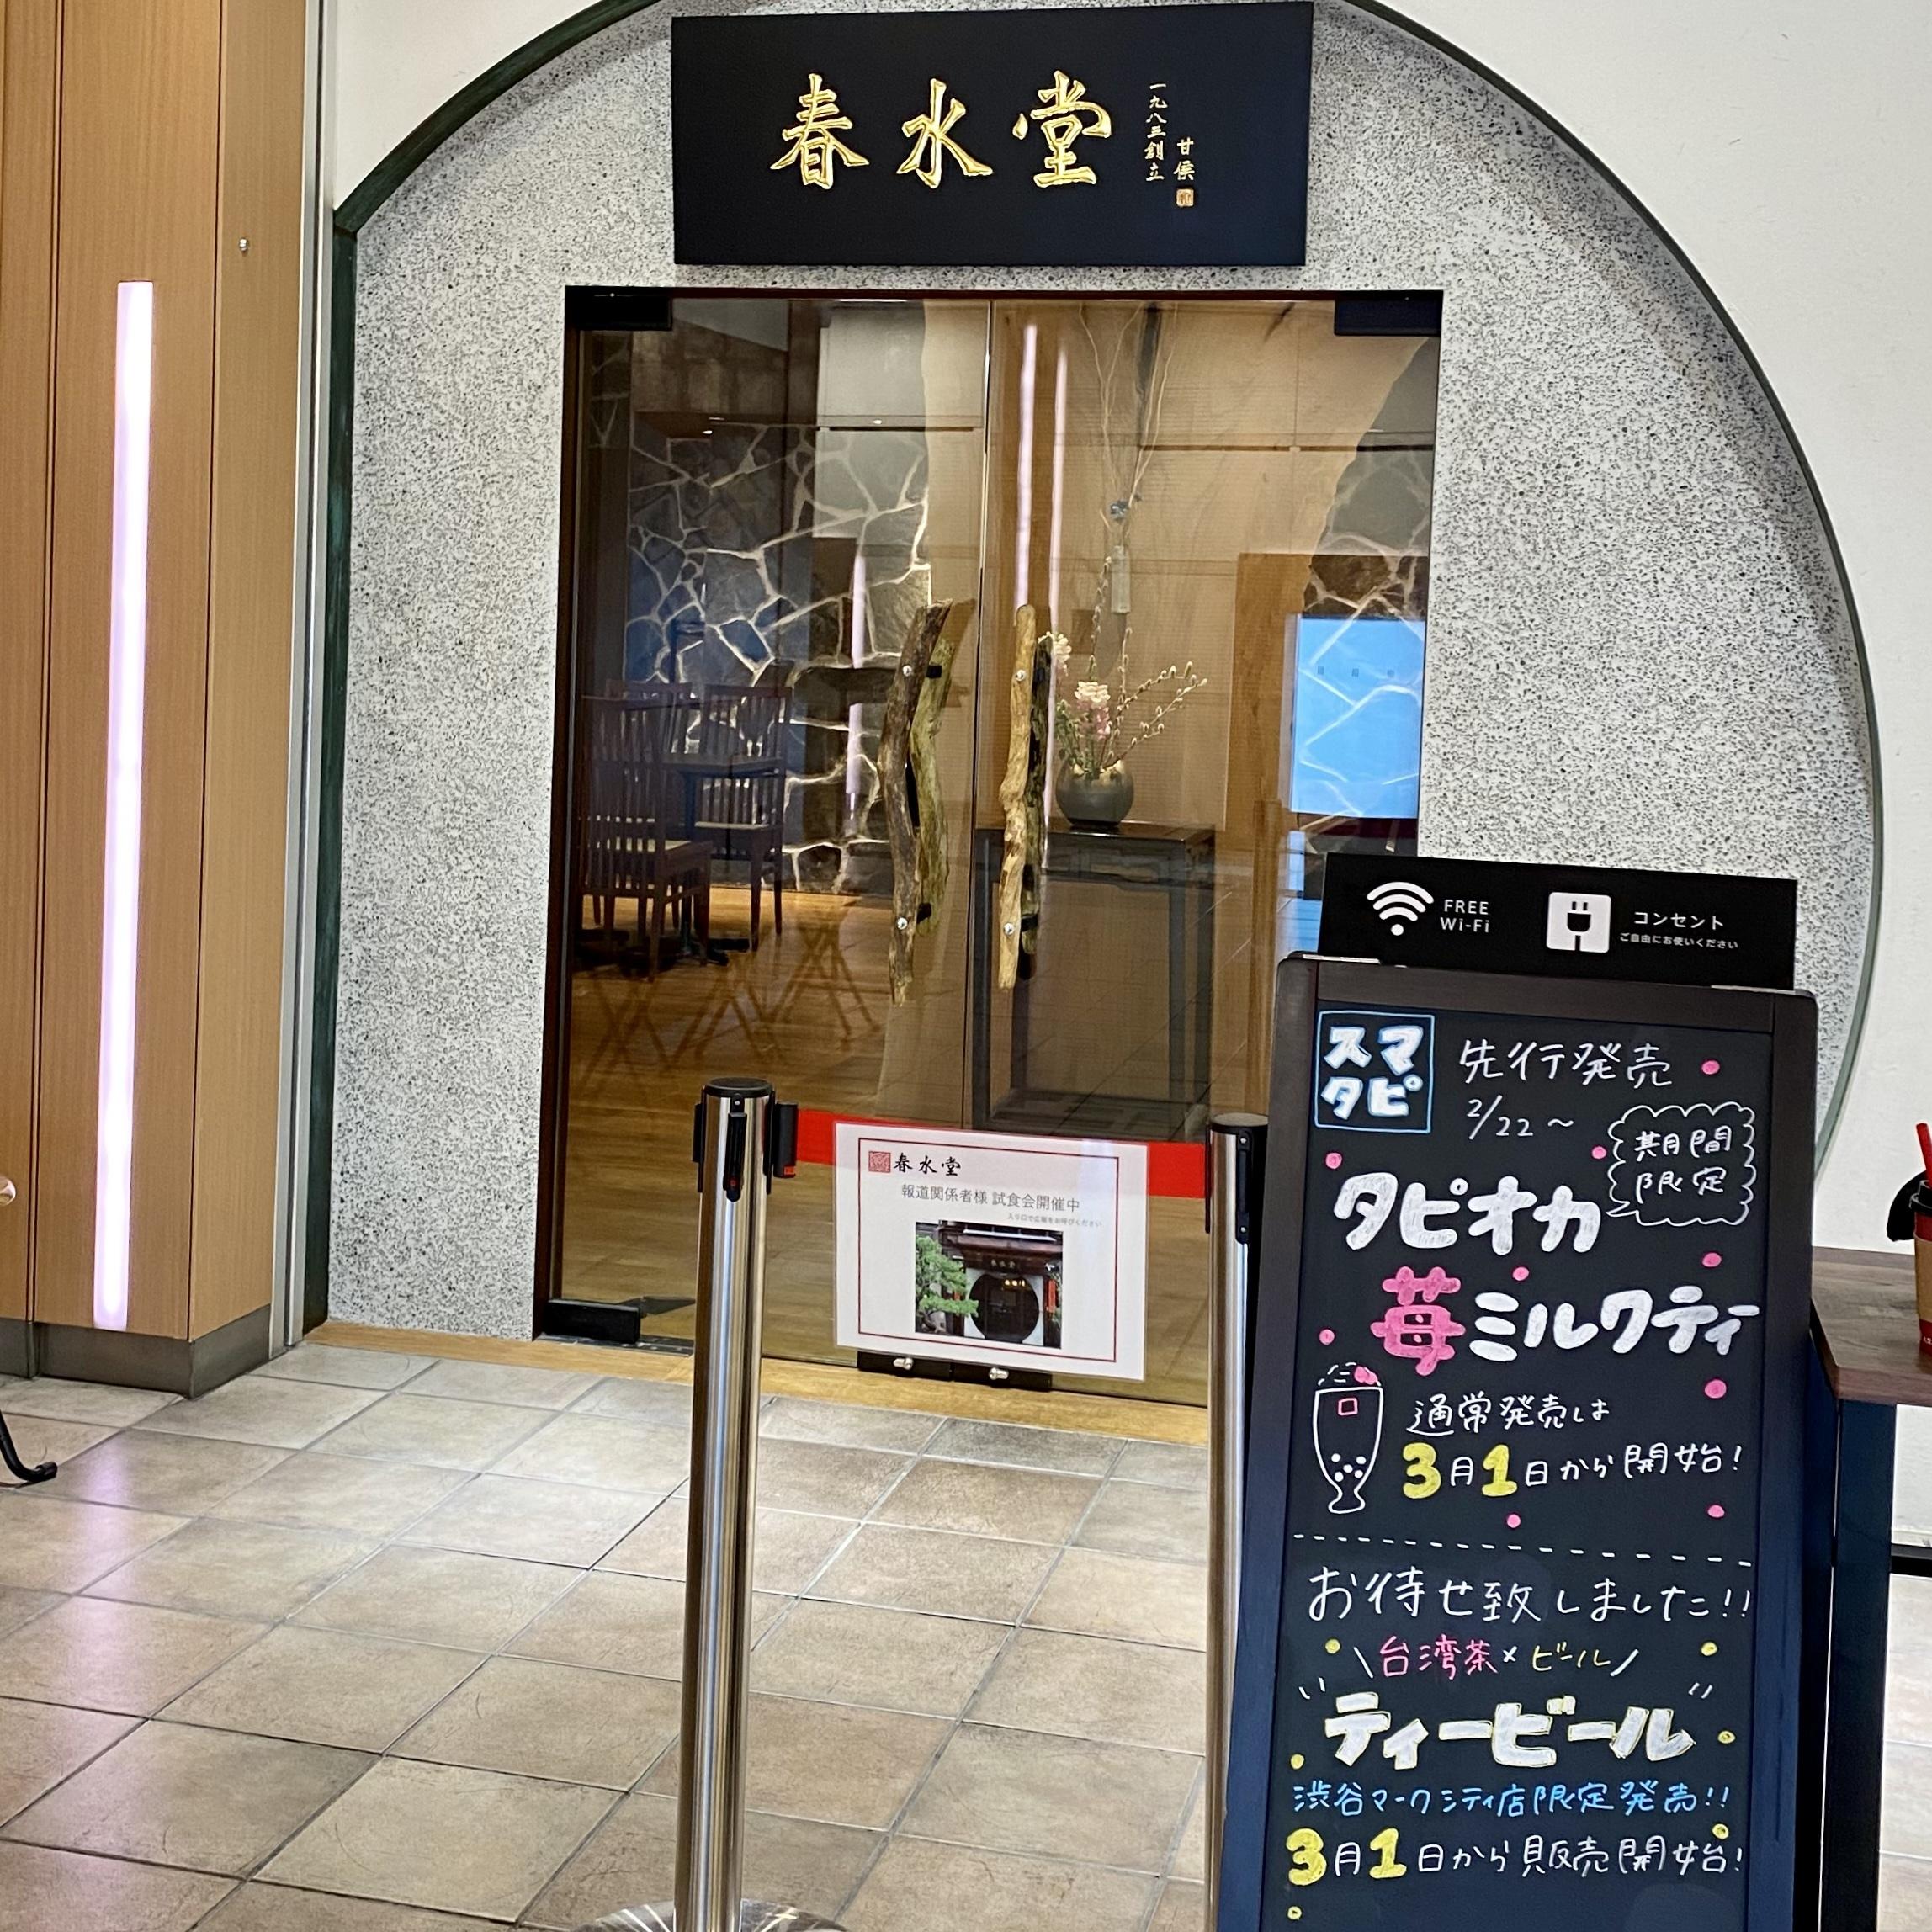 春水堂 春水堂渋谷マークシティ店